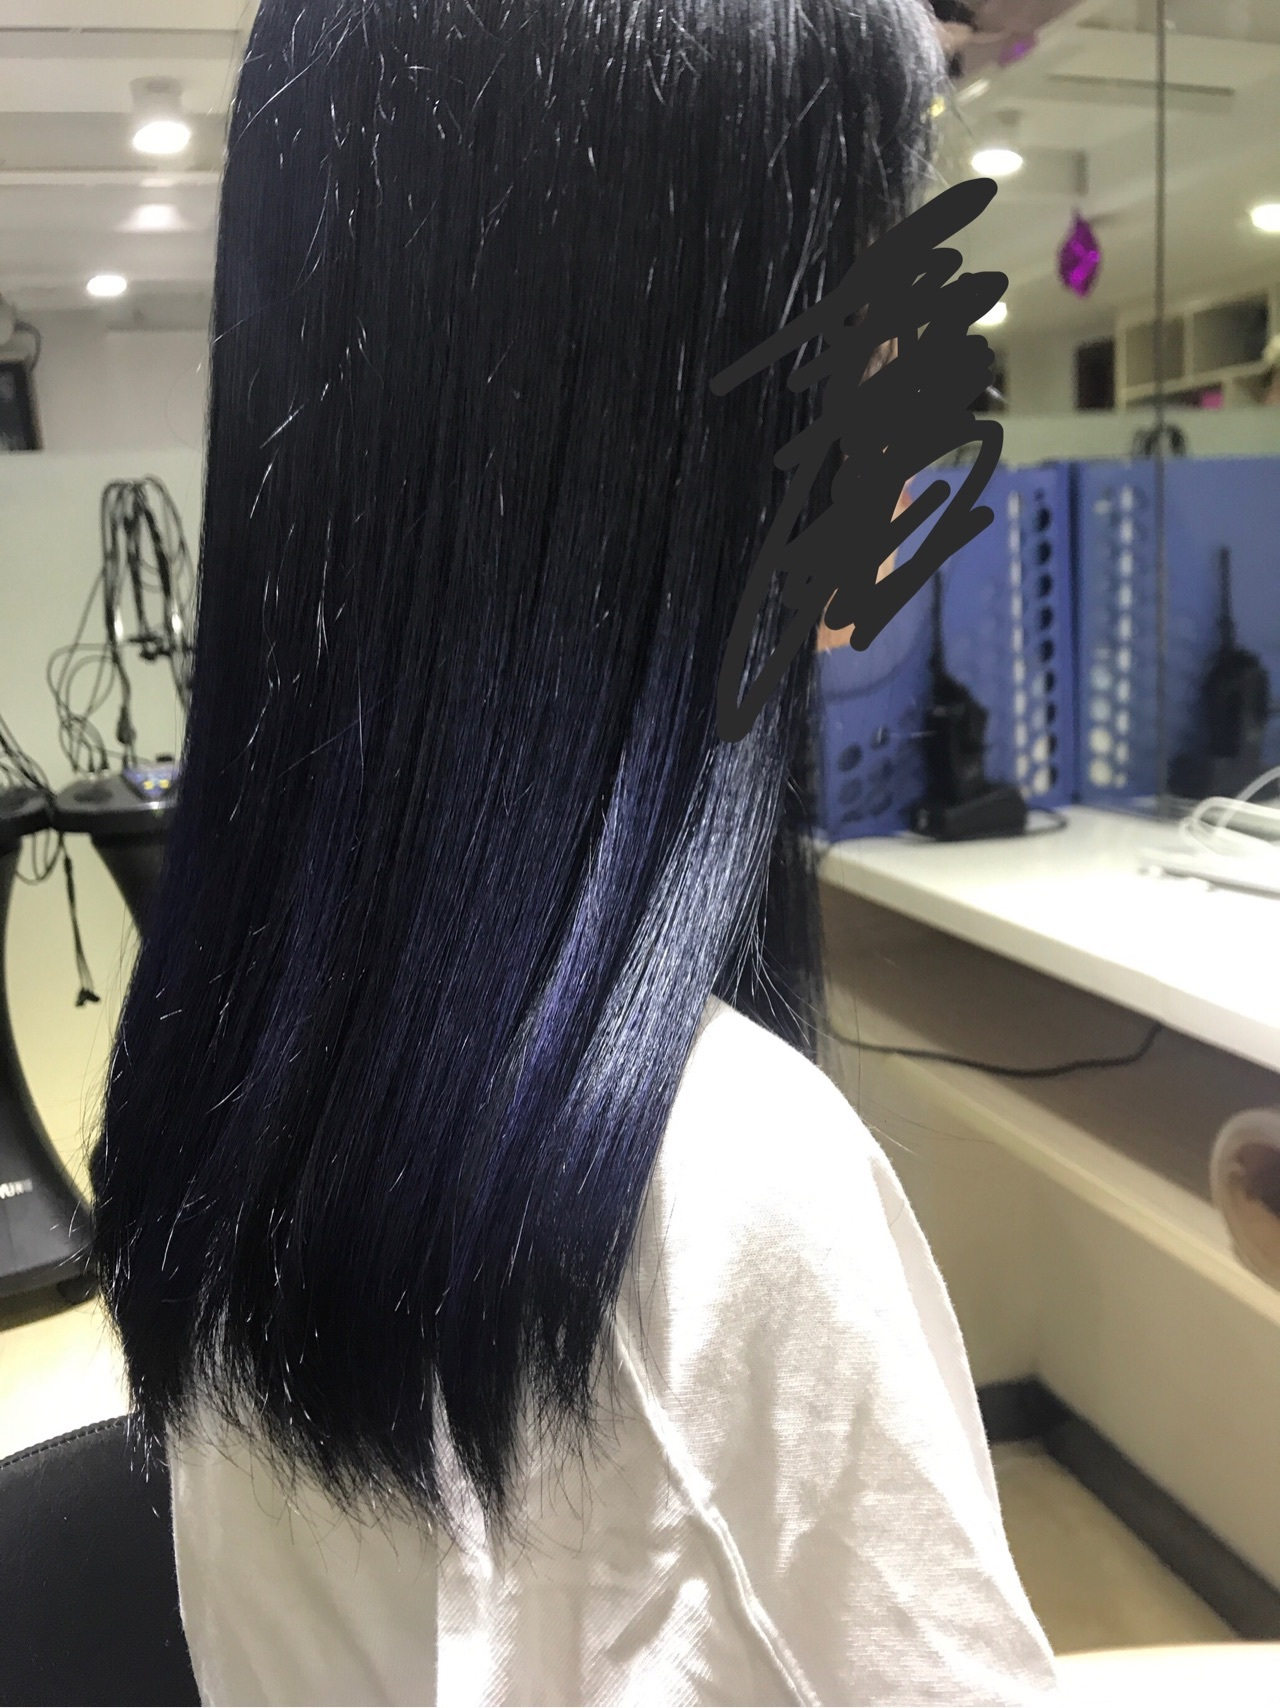 看色_不漂头发染深蓝色褪色后是啥颜色? - 知乎